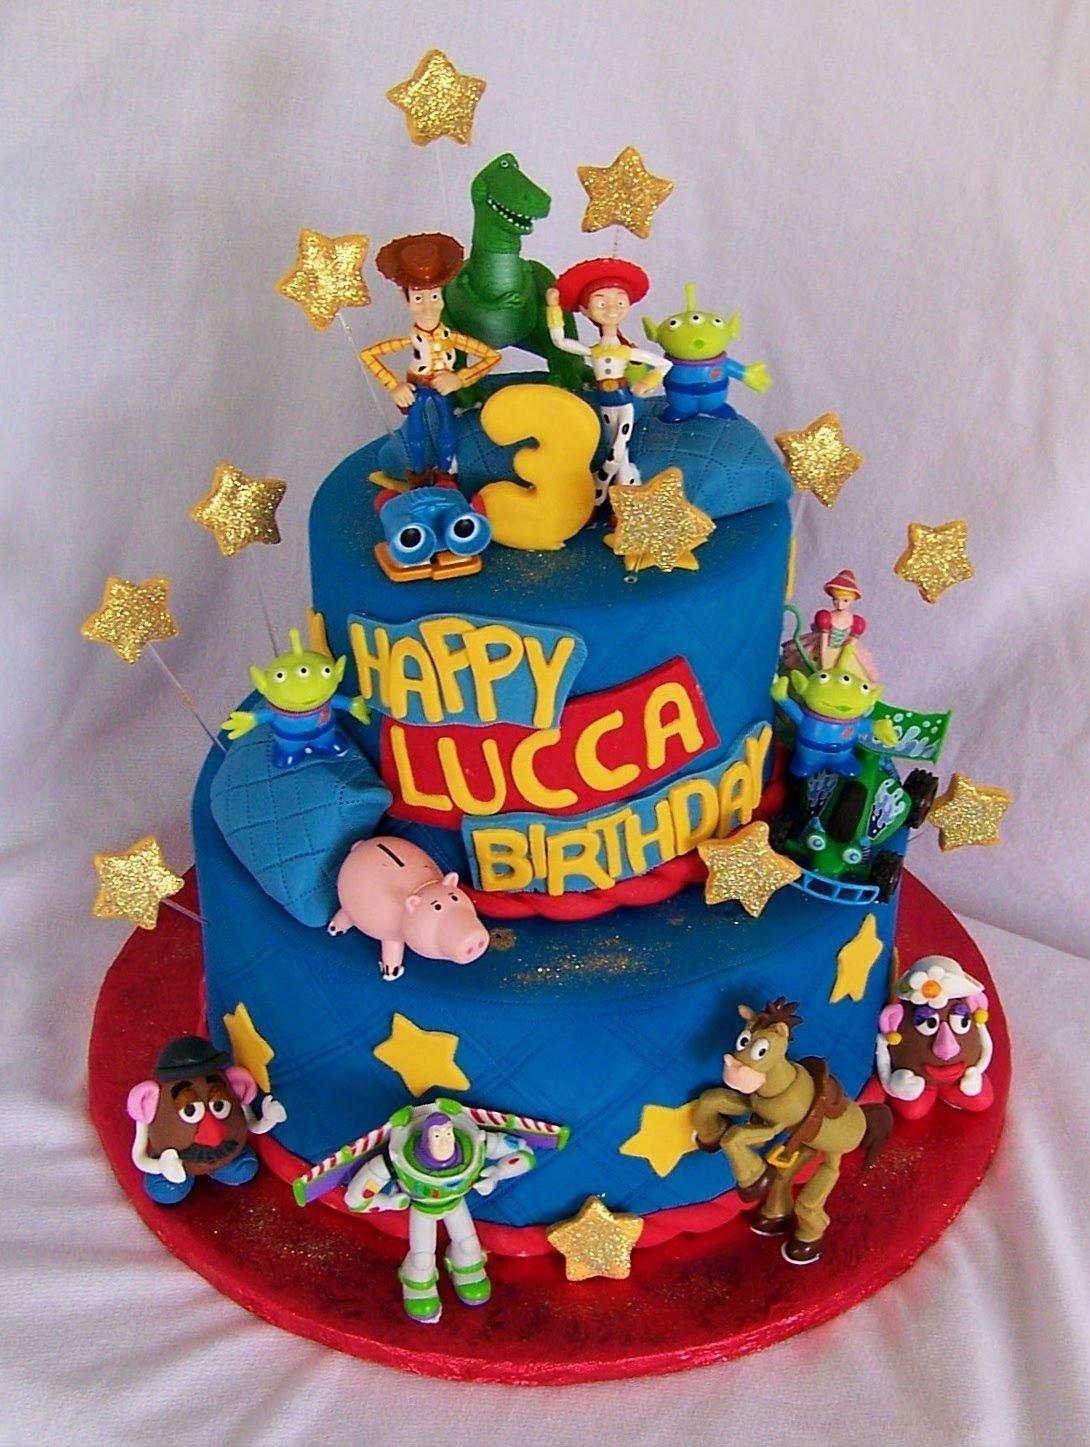 10 Spectacular Toy Story Birthday Cake Ideas pinwoodytoystorycakeaechildrensbirthdaycakeson toystory 2020